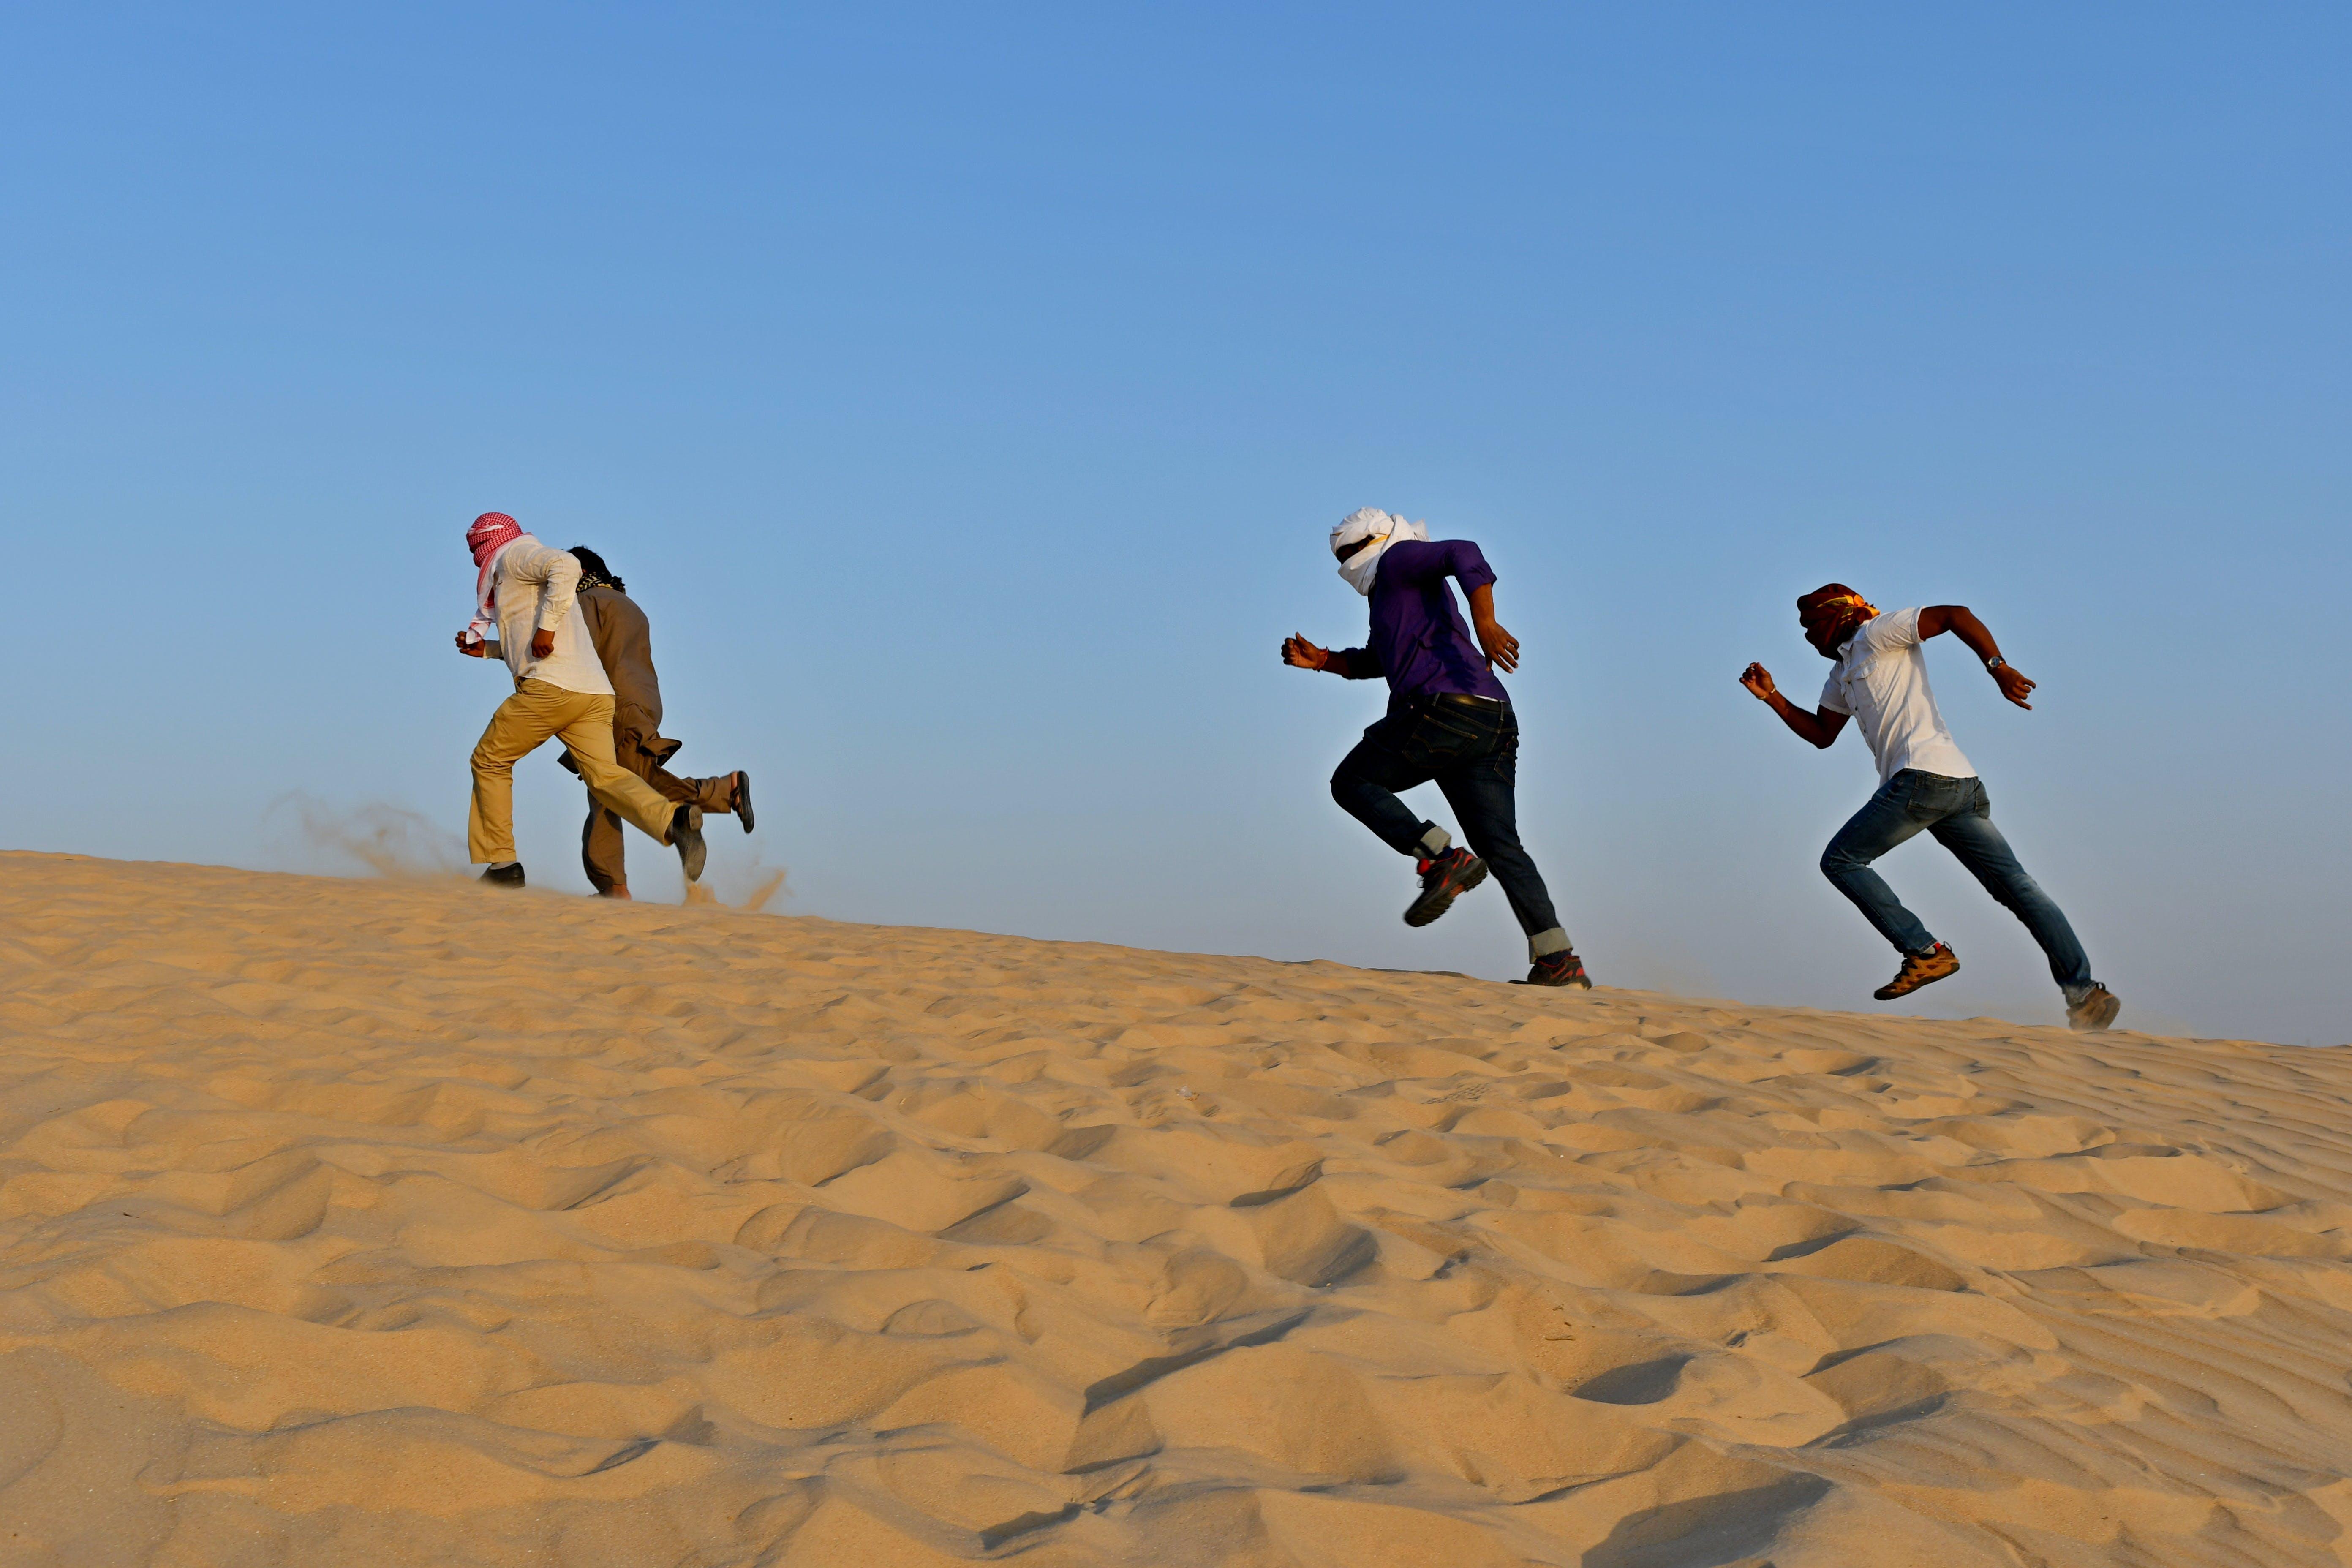 arabien, arabische männer, auf sand laufen